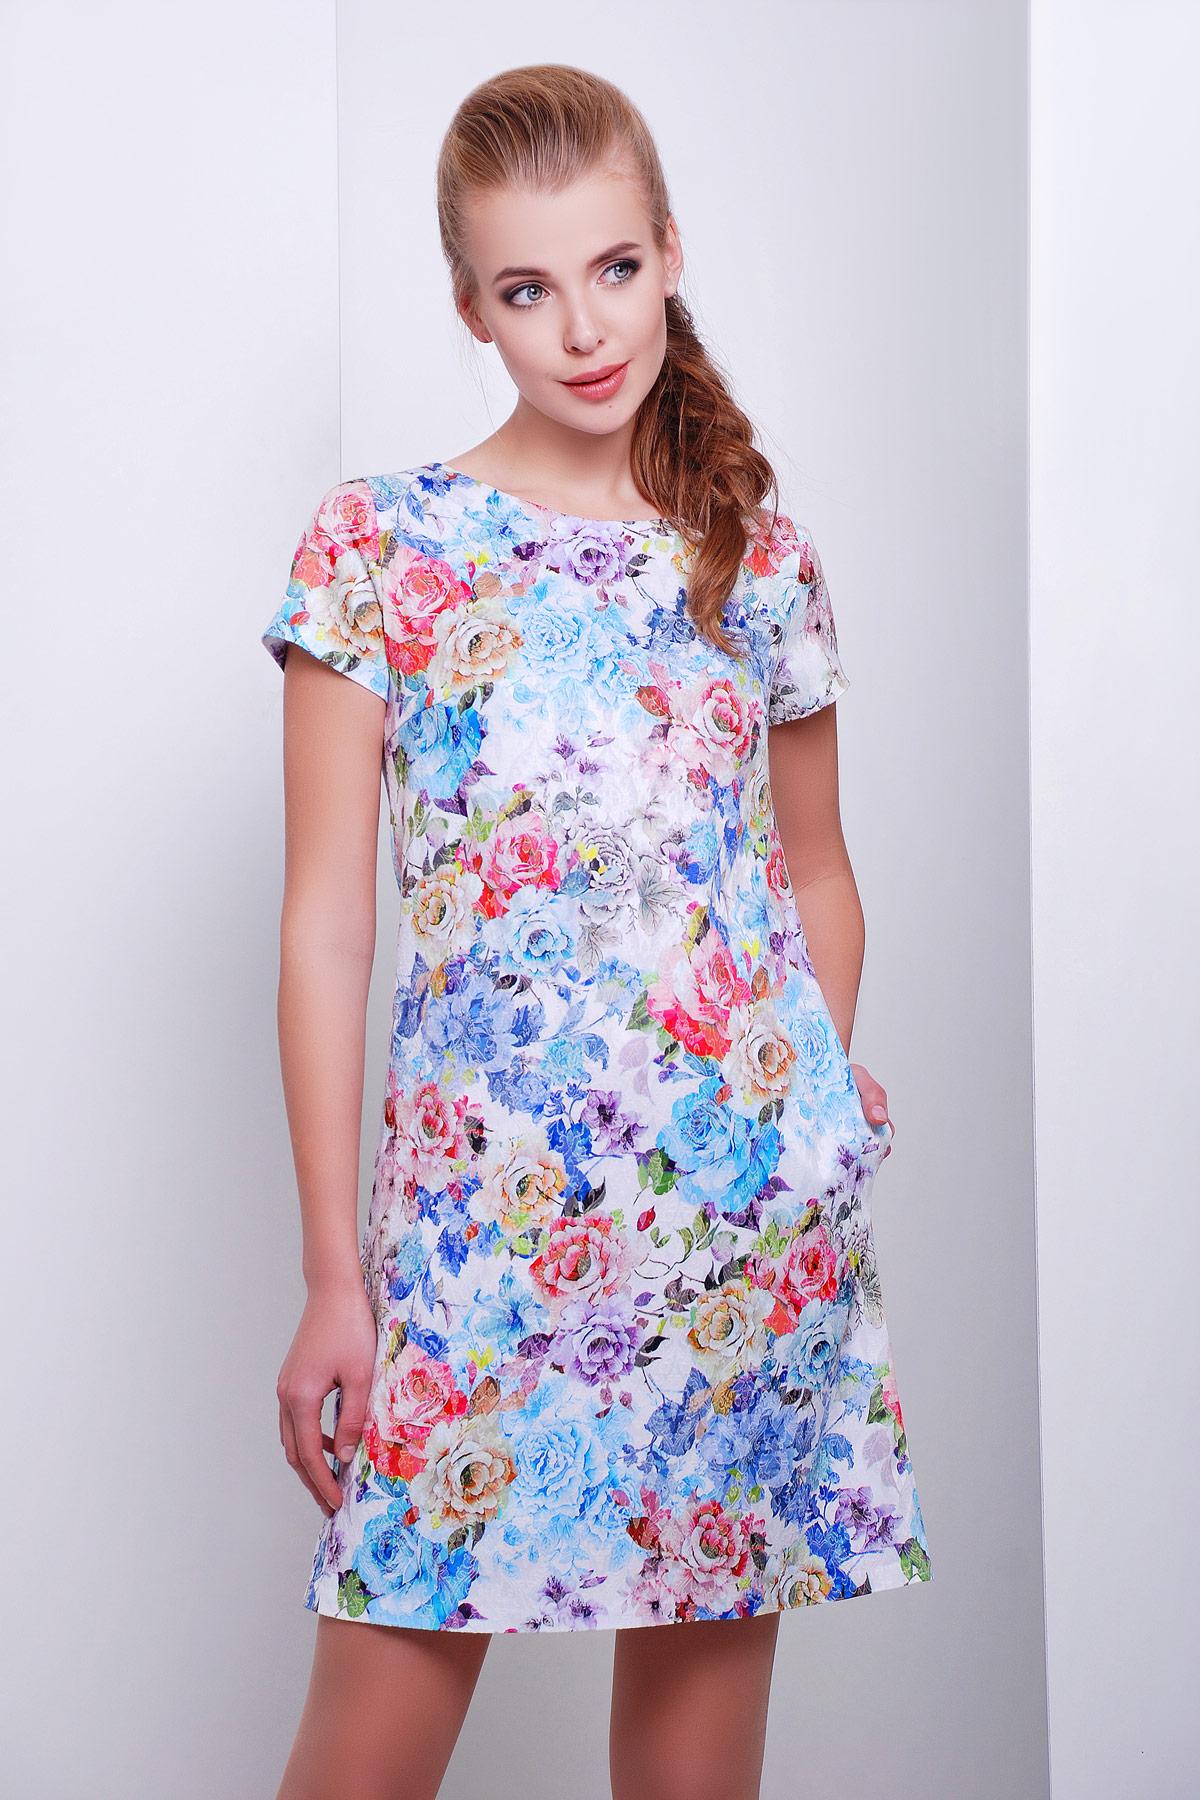 Отзывы о платье миранда